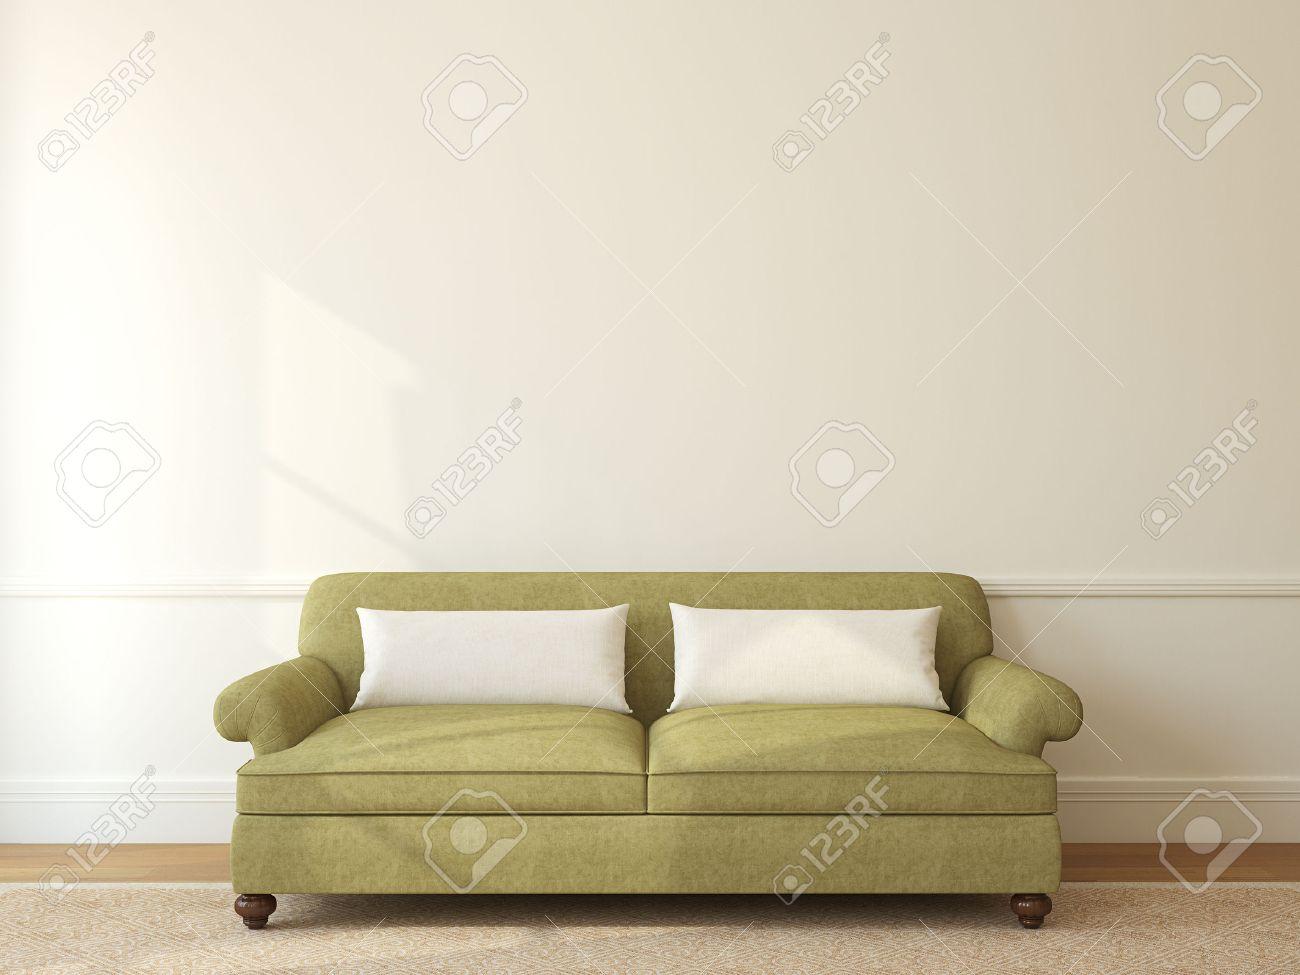 Moderne Wohnzimmer Interieur Mit Grünen Sofa In Der Nähe Leer Beige Wand.  3D Darstellung